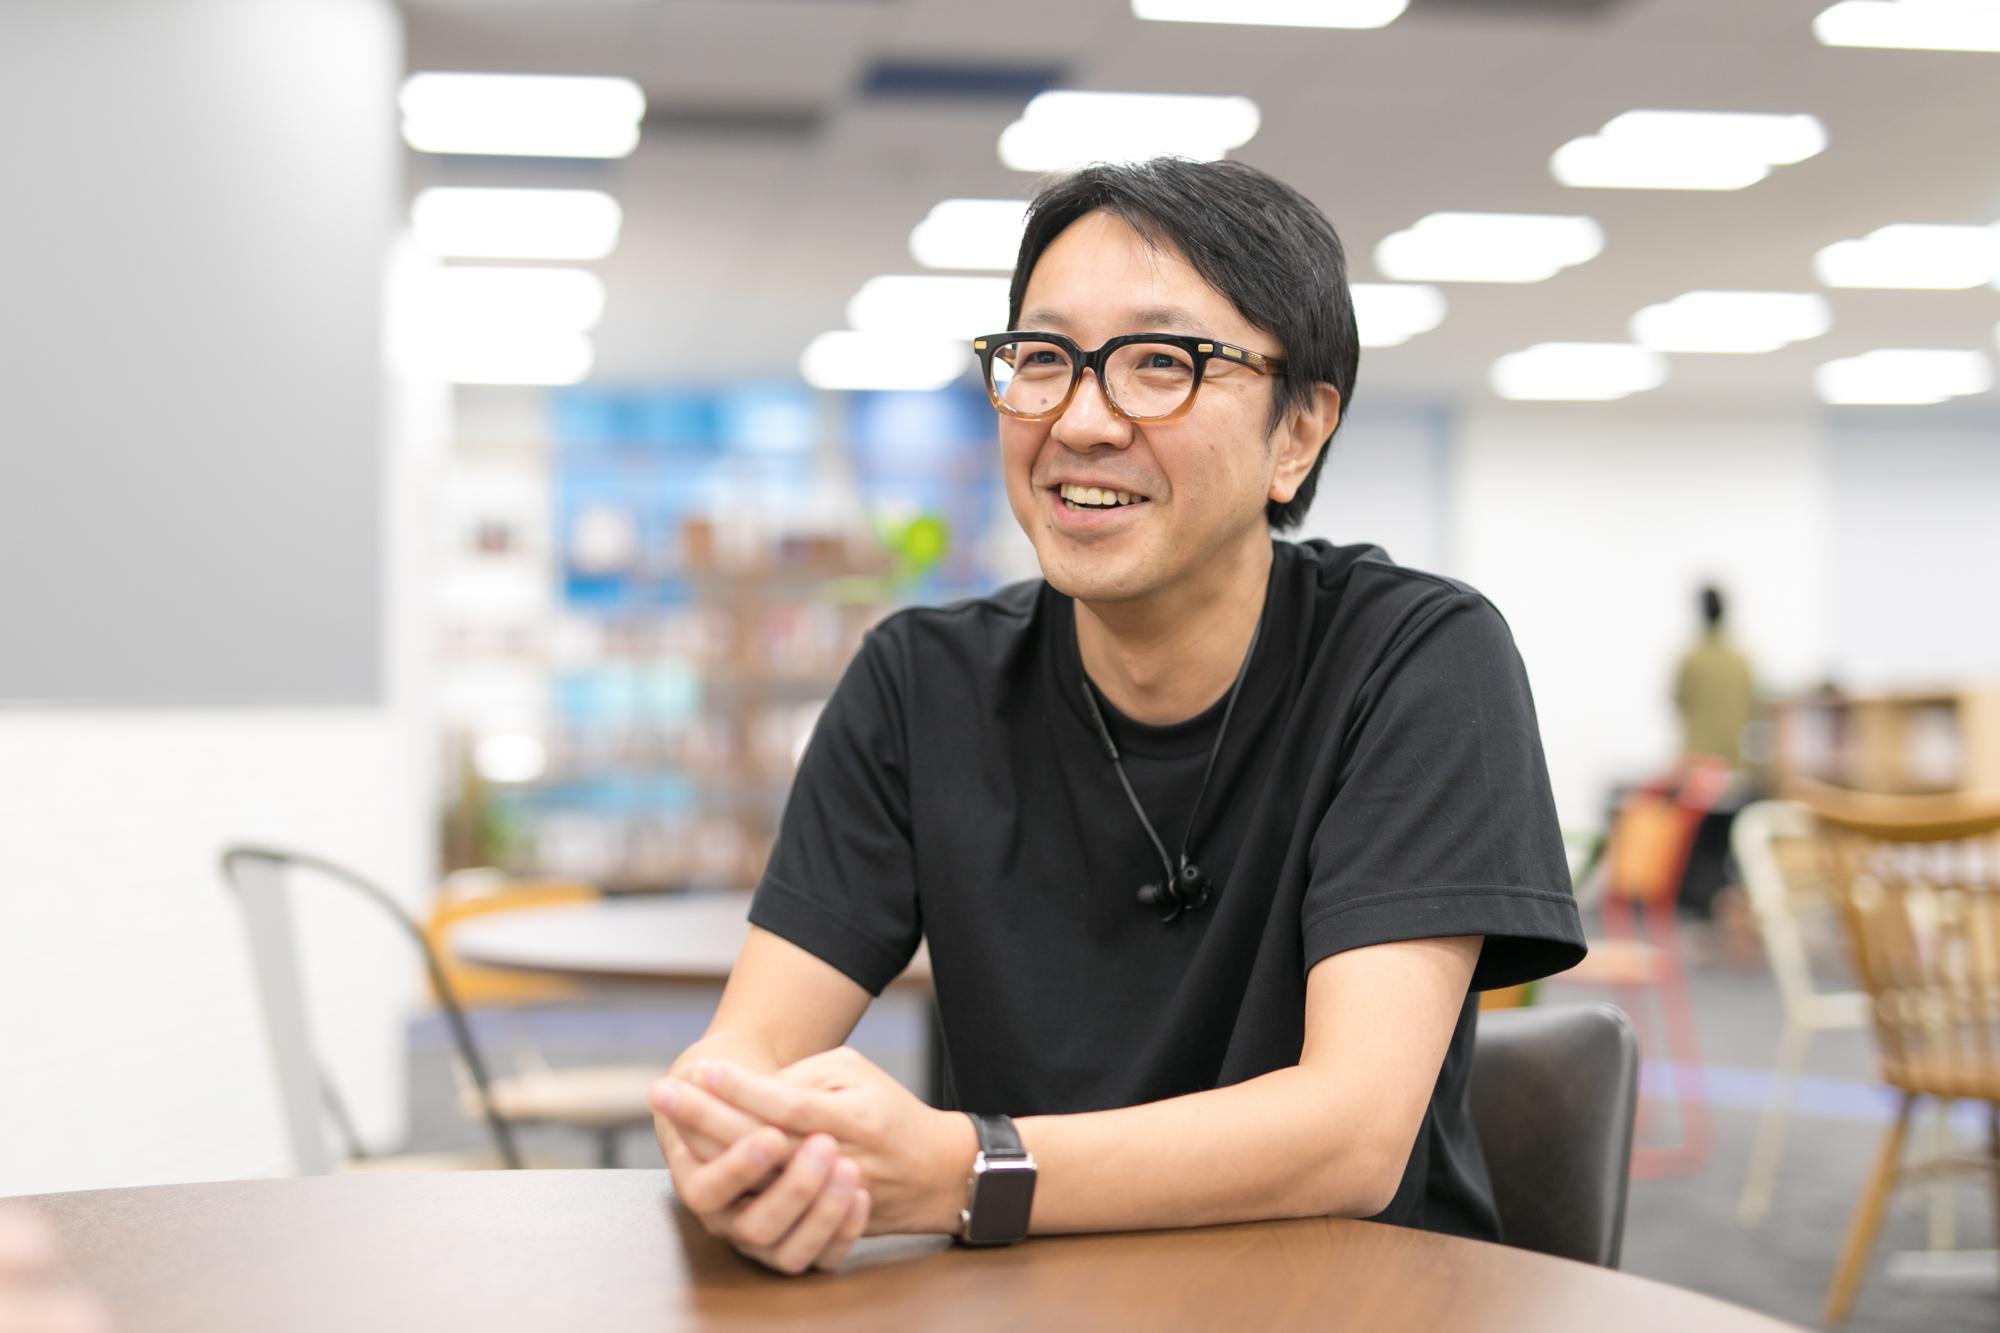 INTERVIEW 音楽業界の中心地から、エンタメテックベンチャーの立ち上げに参画した理由。創業メンバーの吉田が振り返る創業当時の思い。